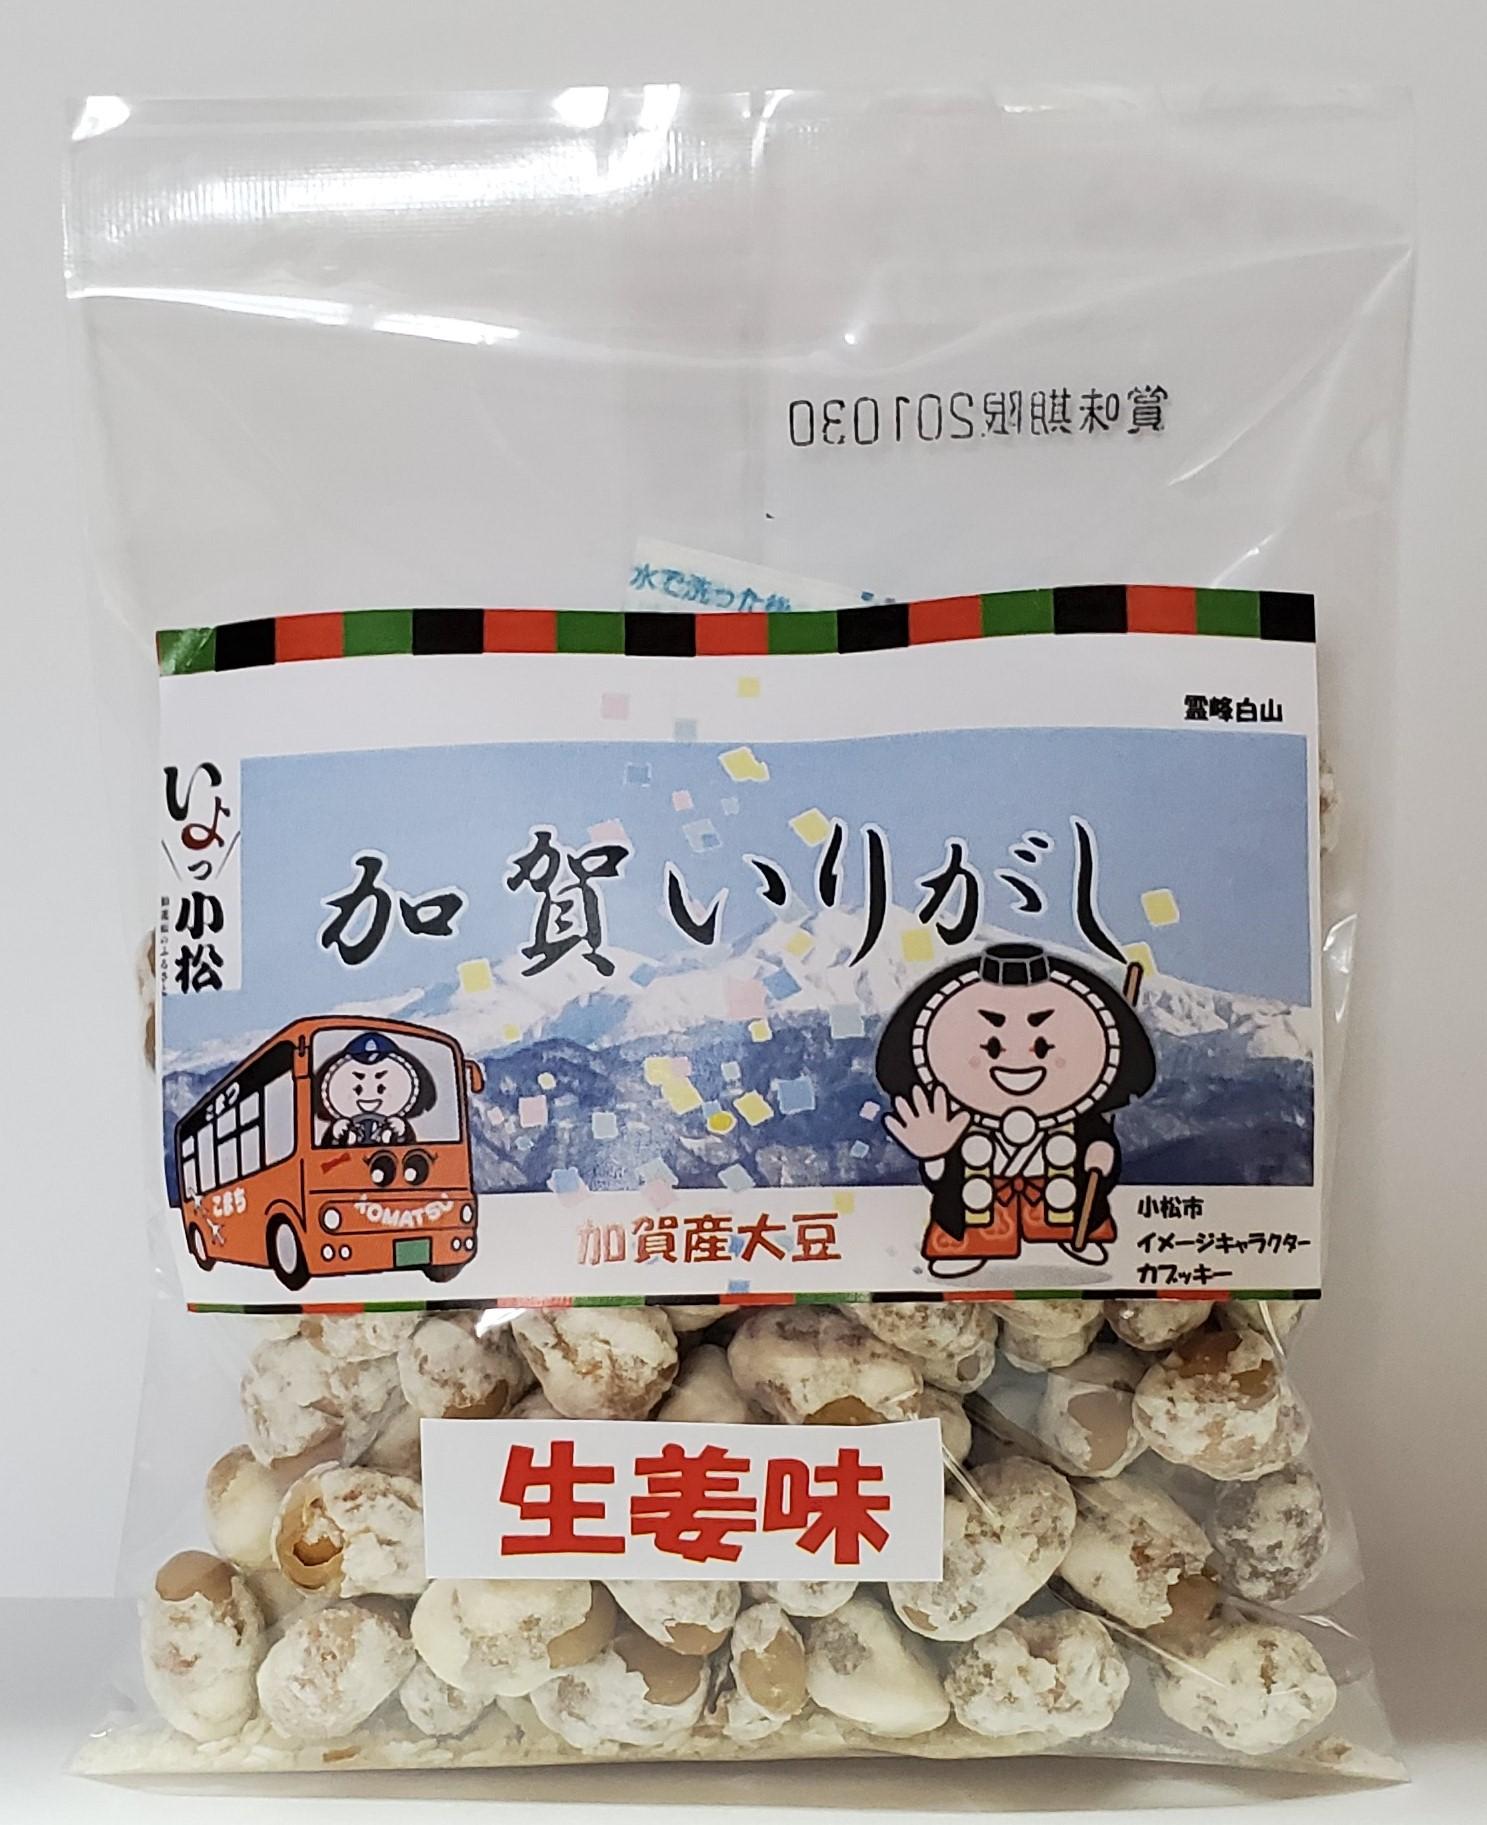 生姜味(50g・120g)…生姜がきいて隠れファンも多い。夕方のデスクワーク等にいかがですか。